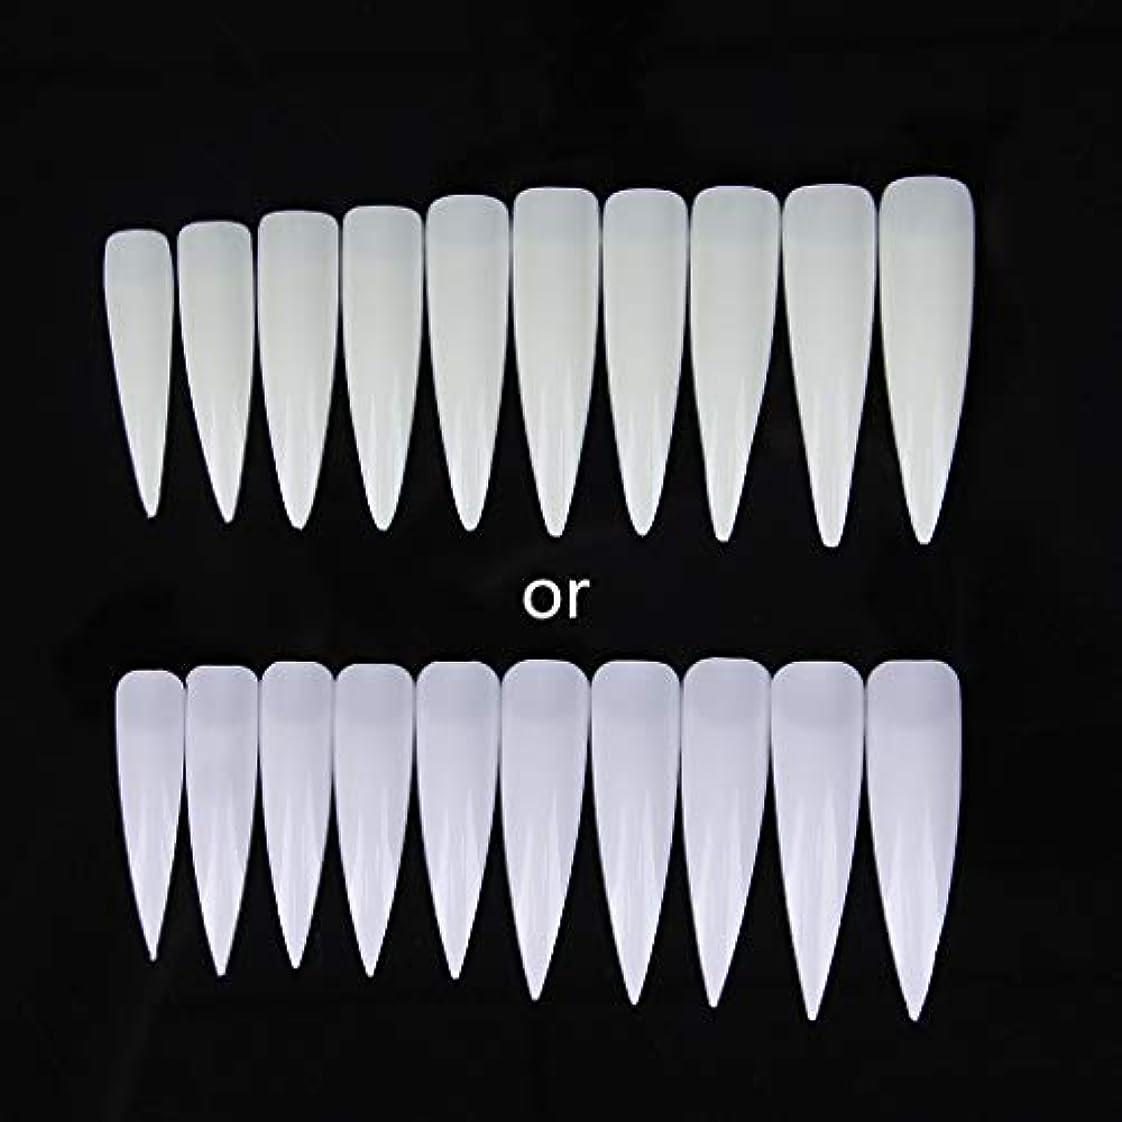 ジャッキーショートサロンポインター-磁器ホワイト10個入りロングシャープフォールスネイルアートのヒントアクリルサロン-ホワイトクリアナチュラル